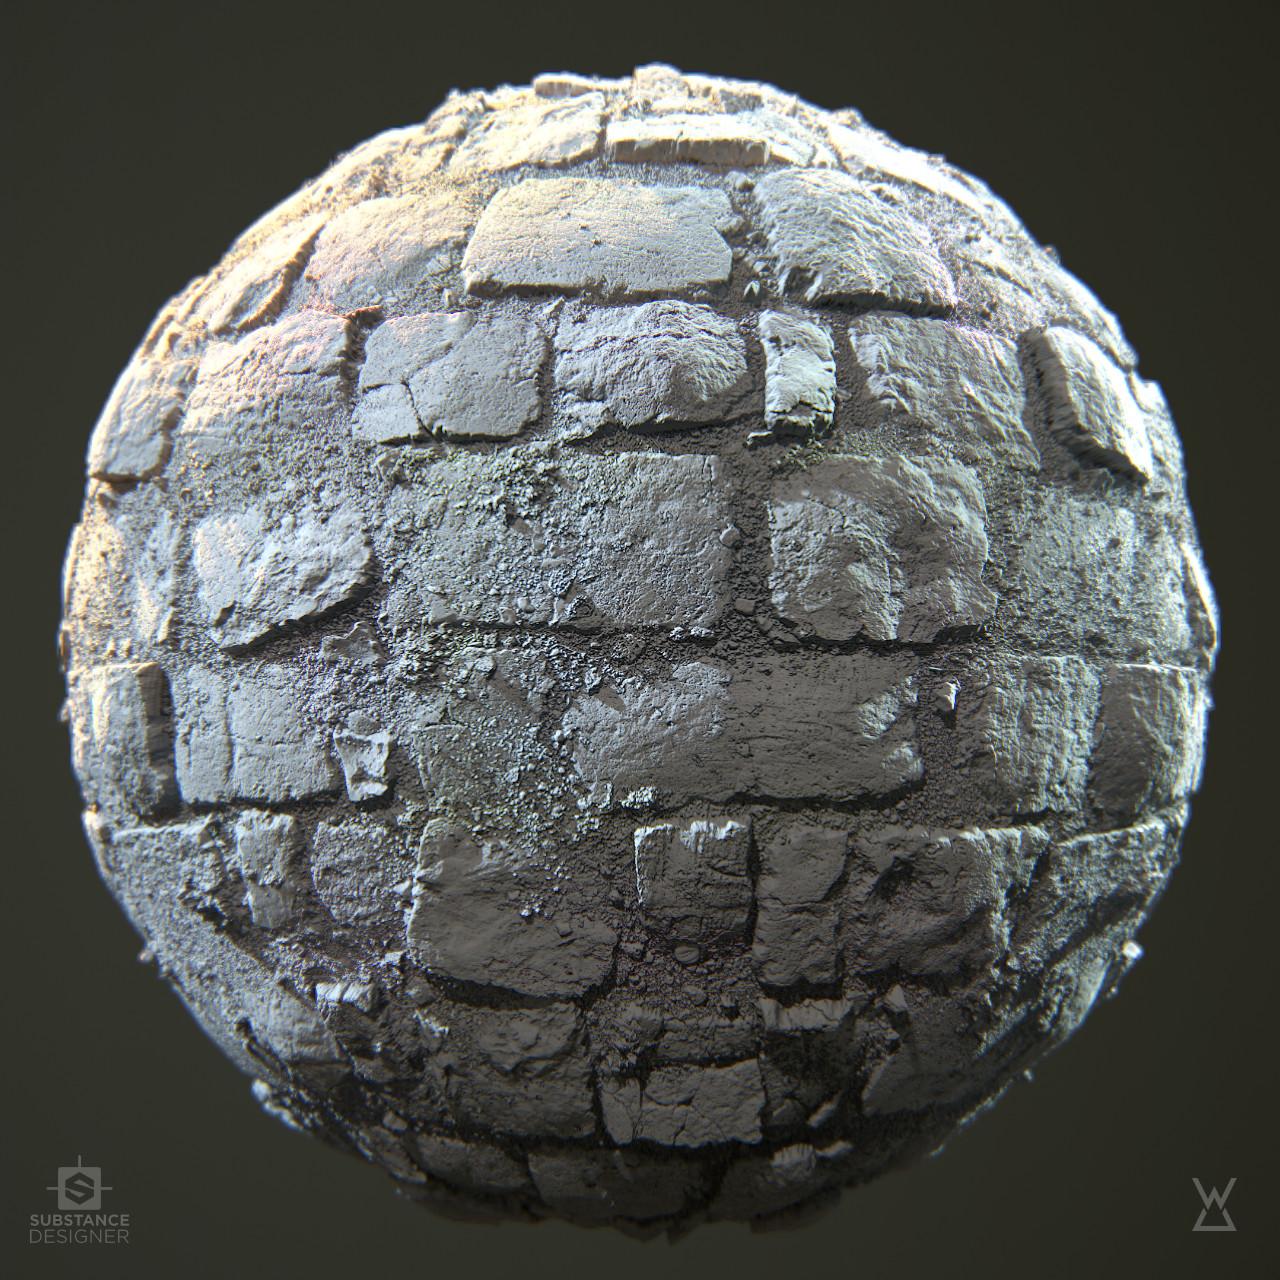 Wayne dalton stone floor 03